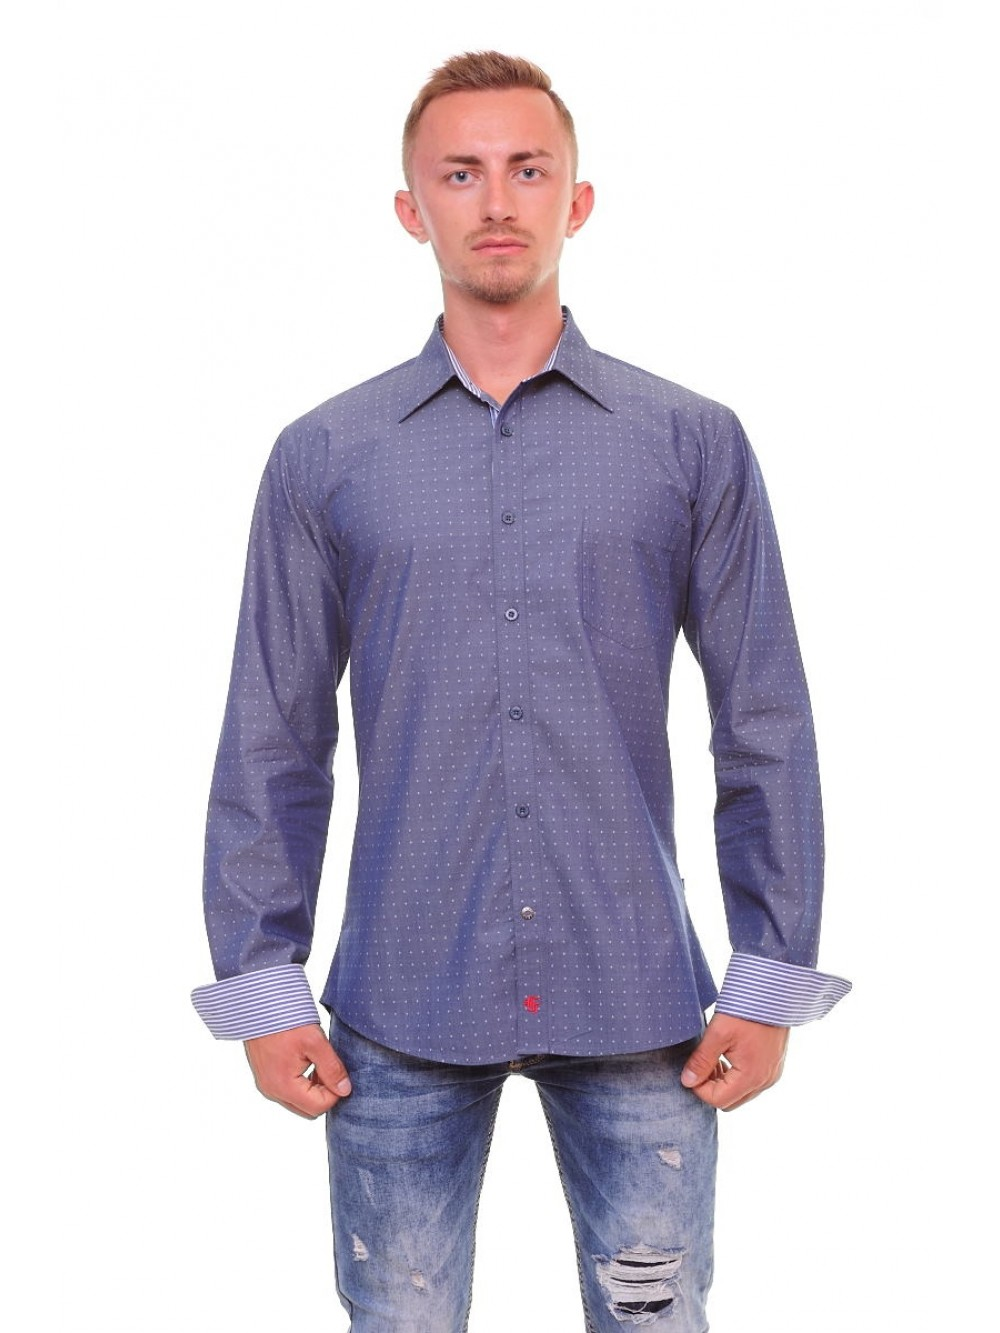 Pánské Košile a Polo Trička Pro Moderní Muže